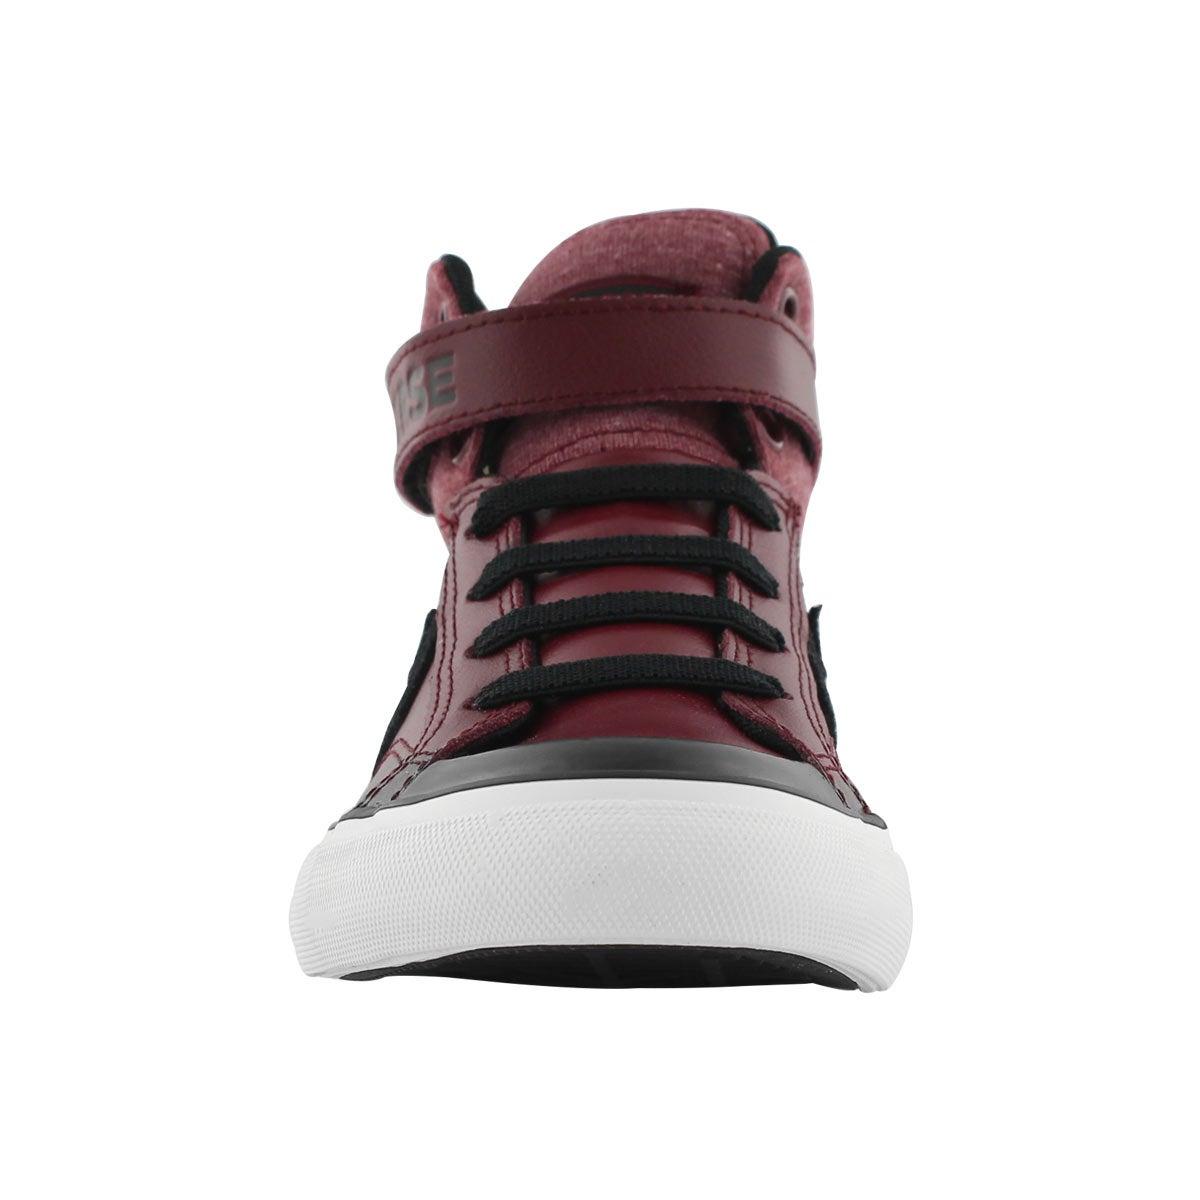 Bys Pro Blaze Strap burg hi top sneaker